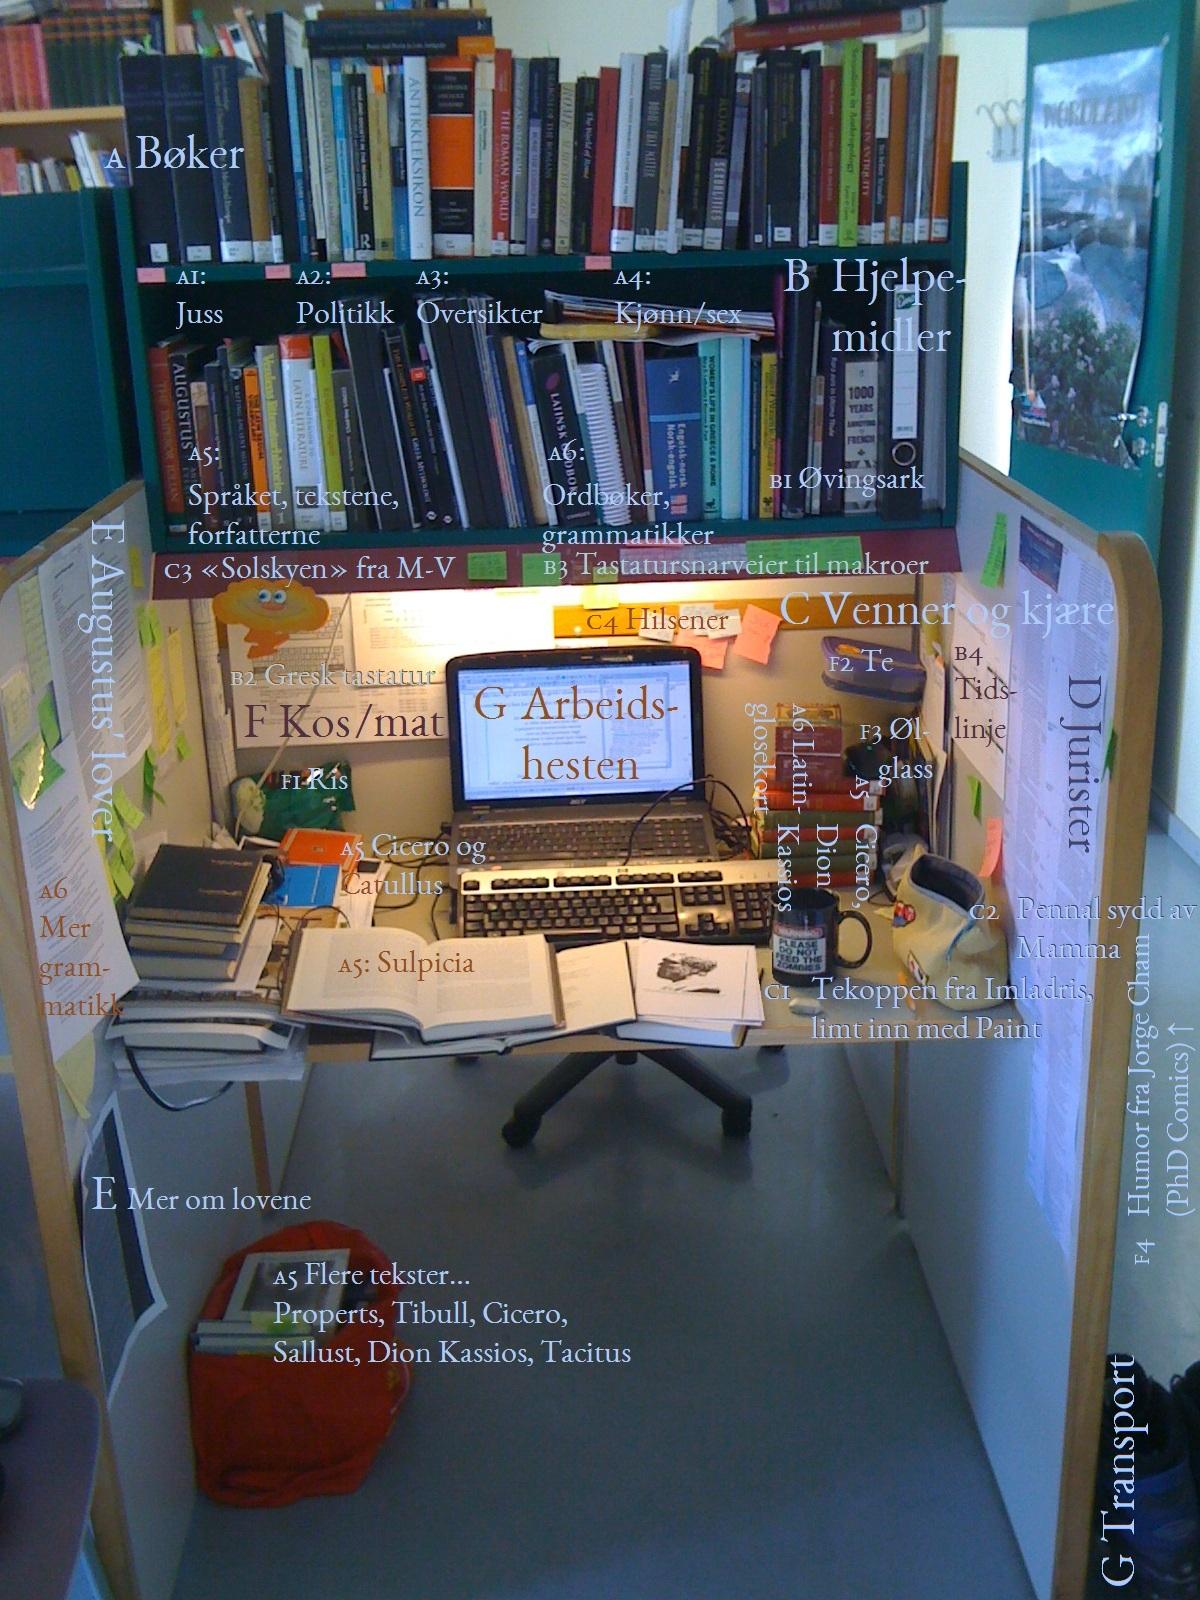 Masterstudentlesesalsplassen min på UiT. Bilde av bøker om latin, grammatikk, juss, kjønn, sex, seksualitet og mye annet. Foto: Tor-Ivar Krogsæter.